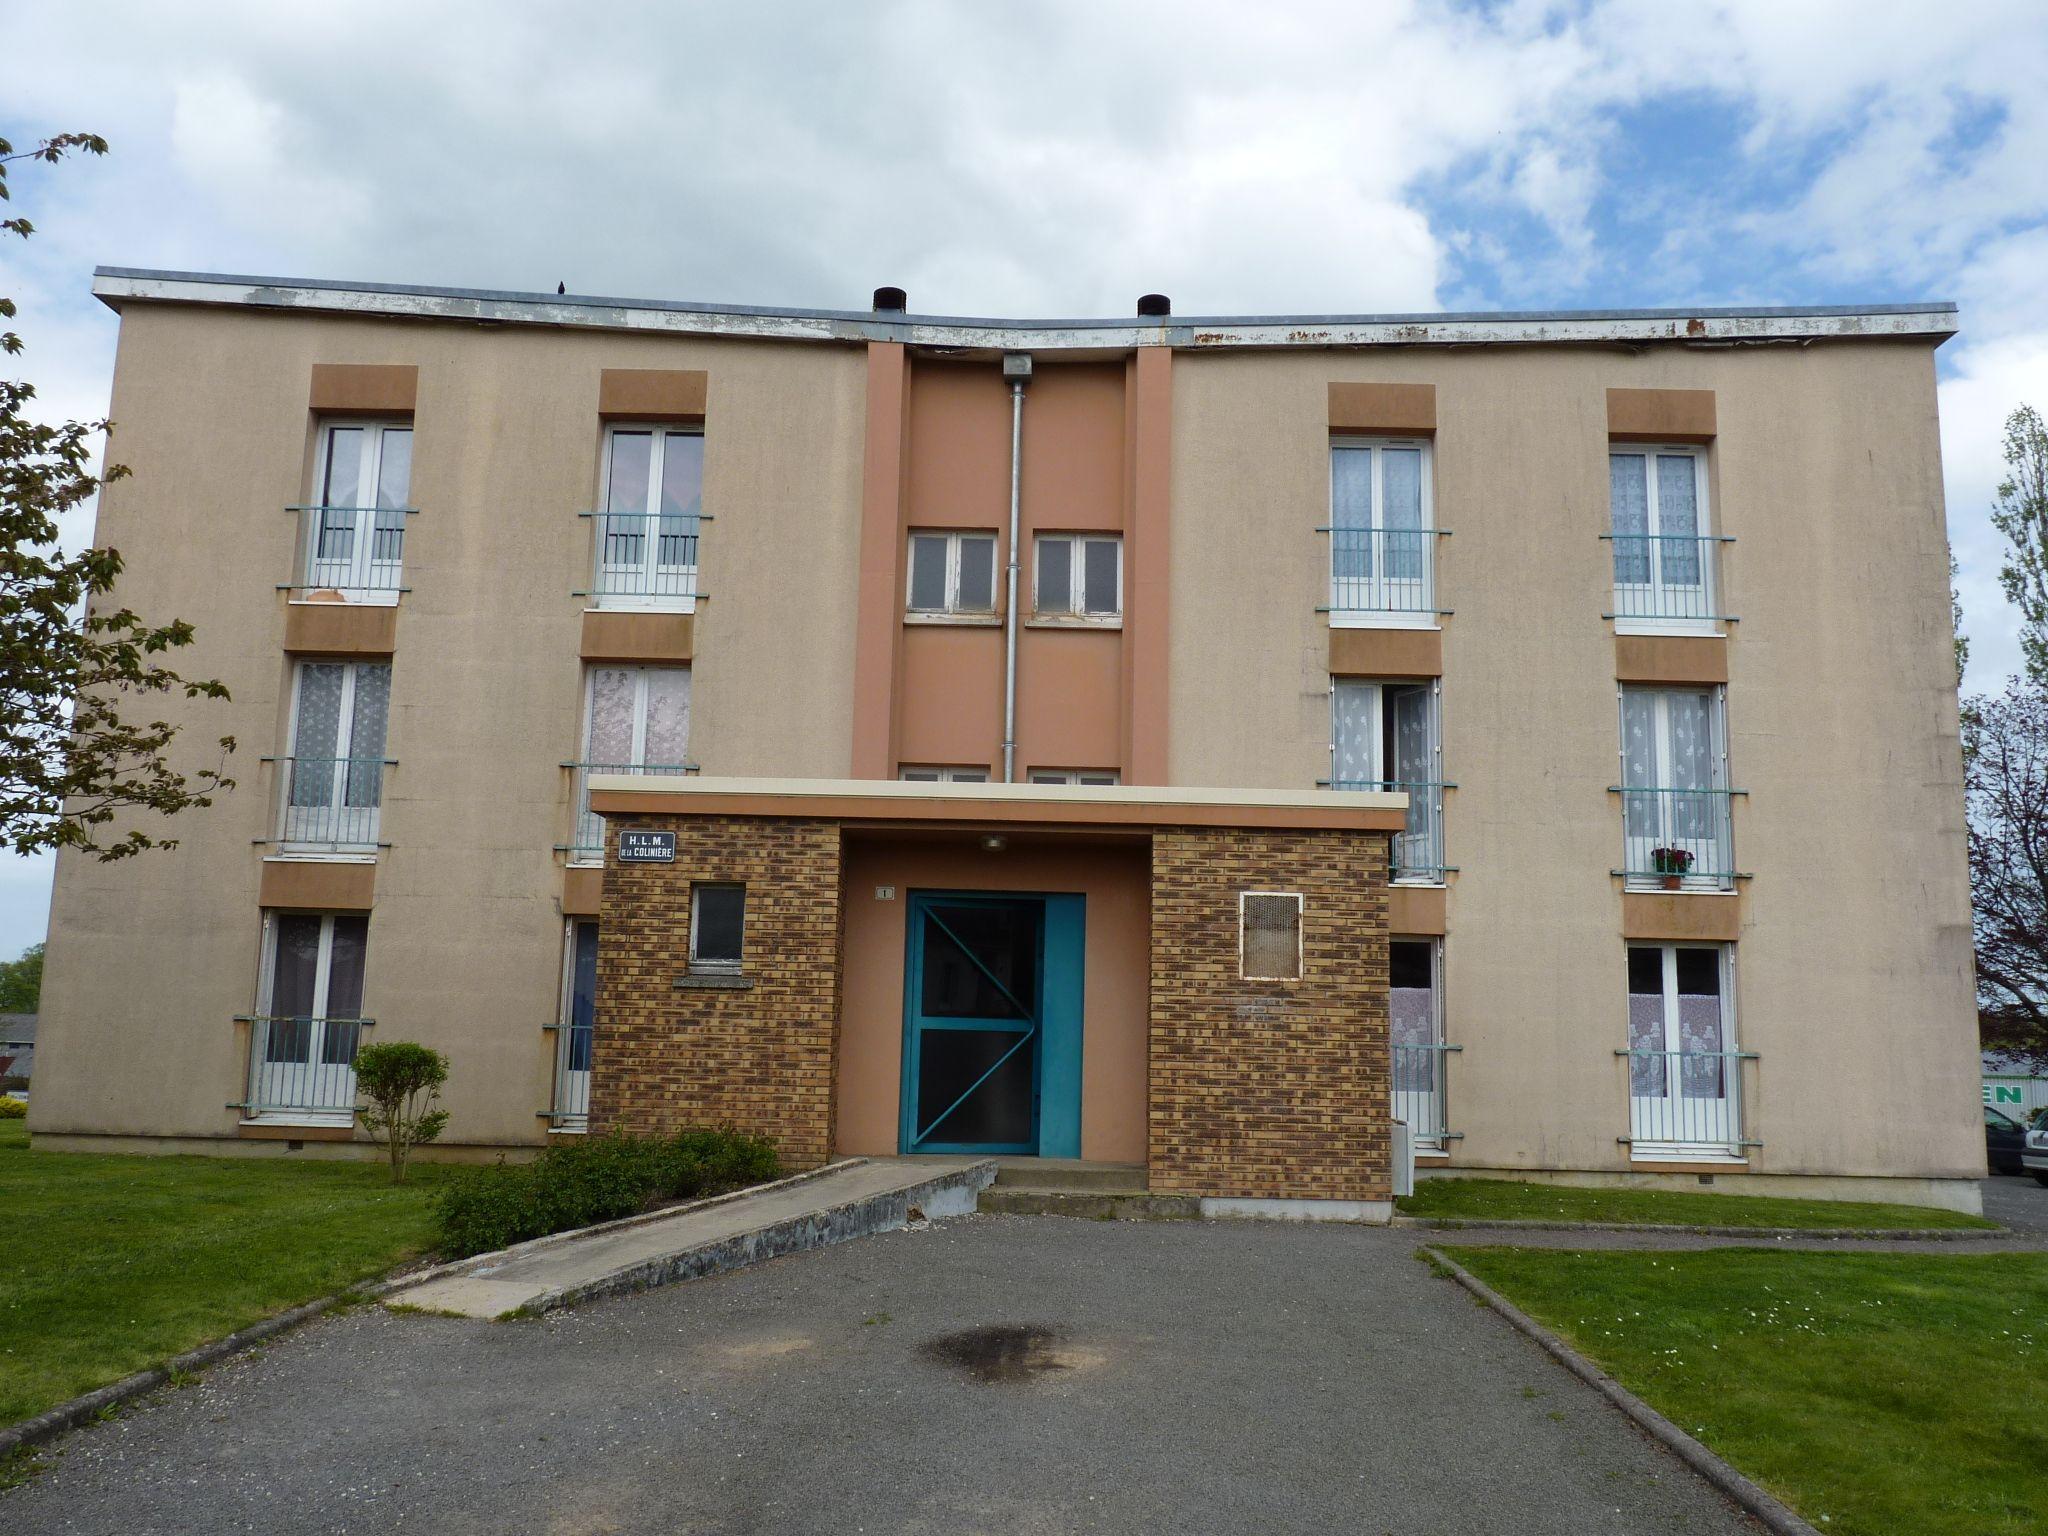 Logement la ferri re aux tangs locataion appartement t2 for Entretien exterieur locataire